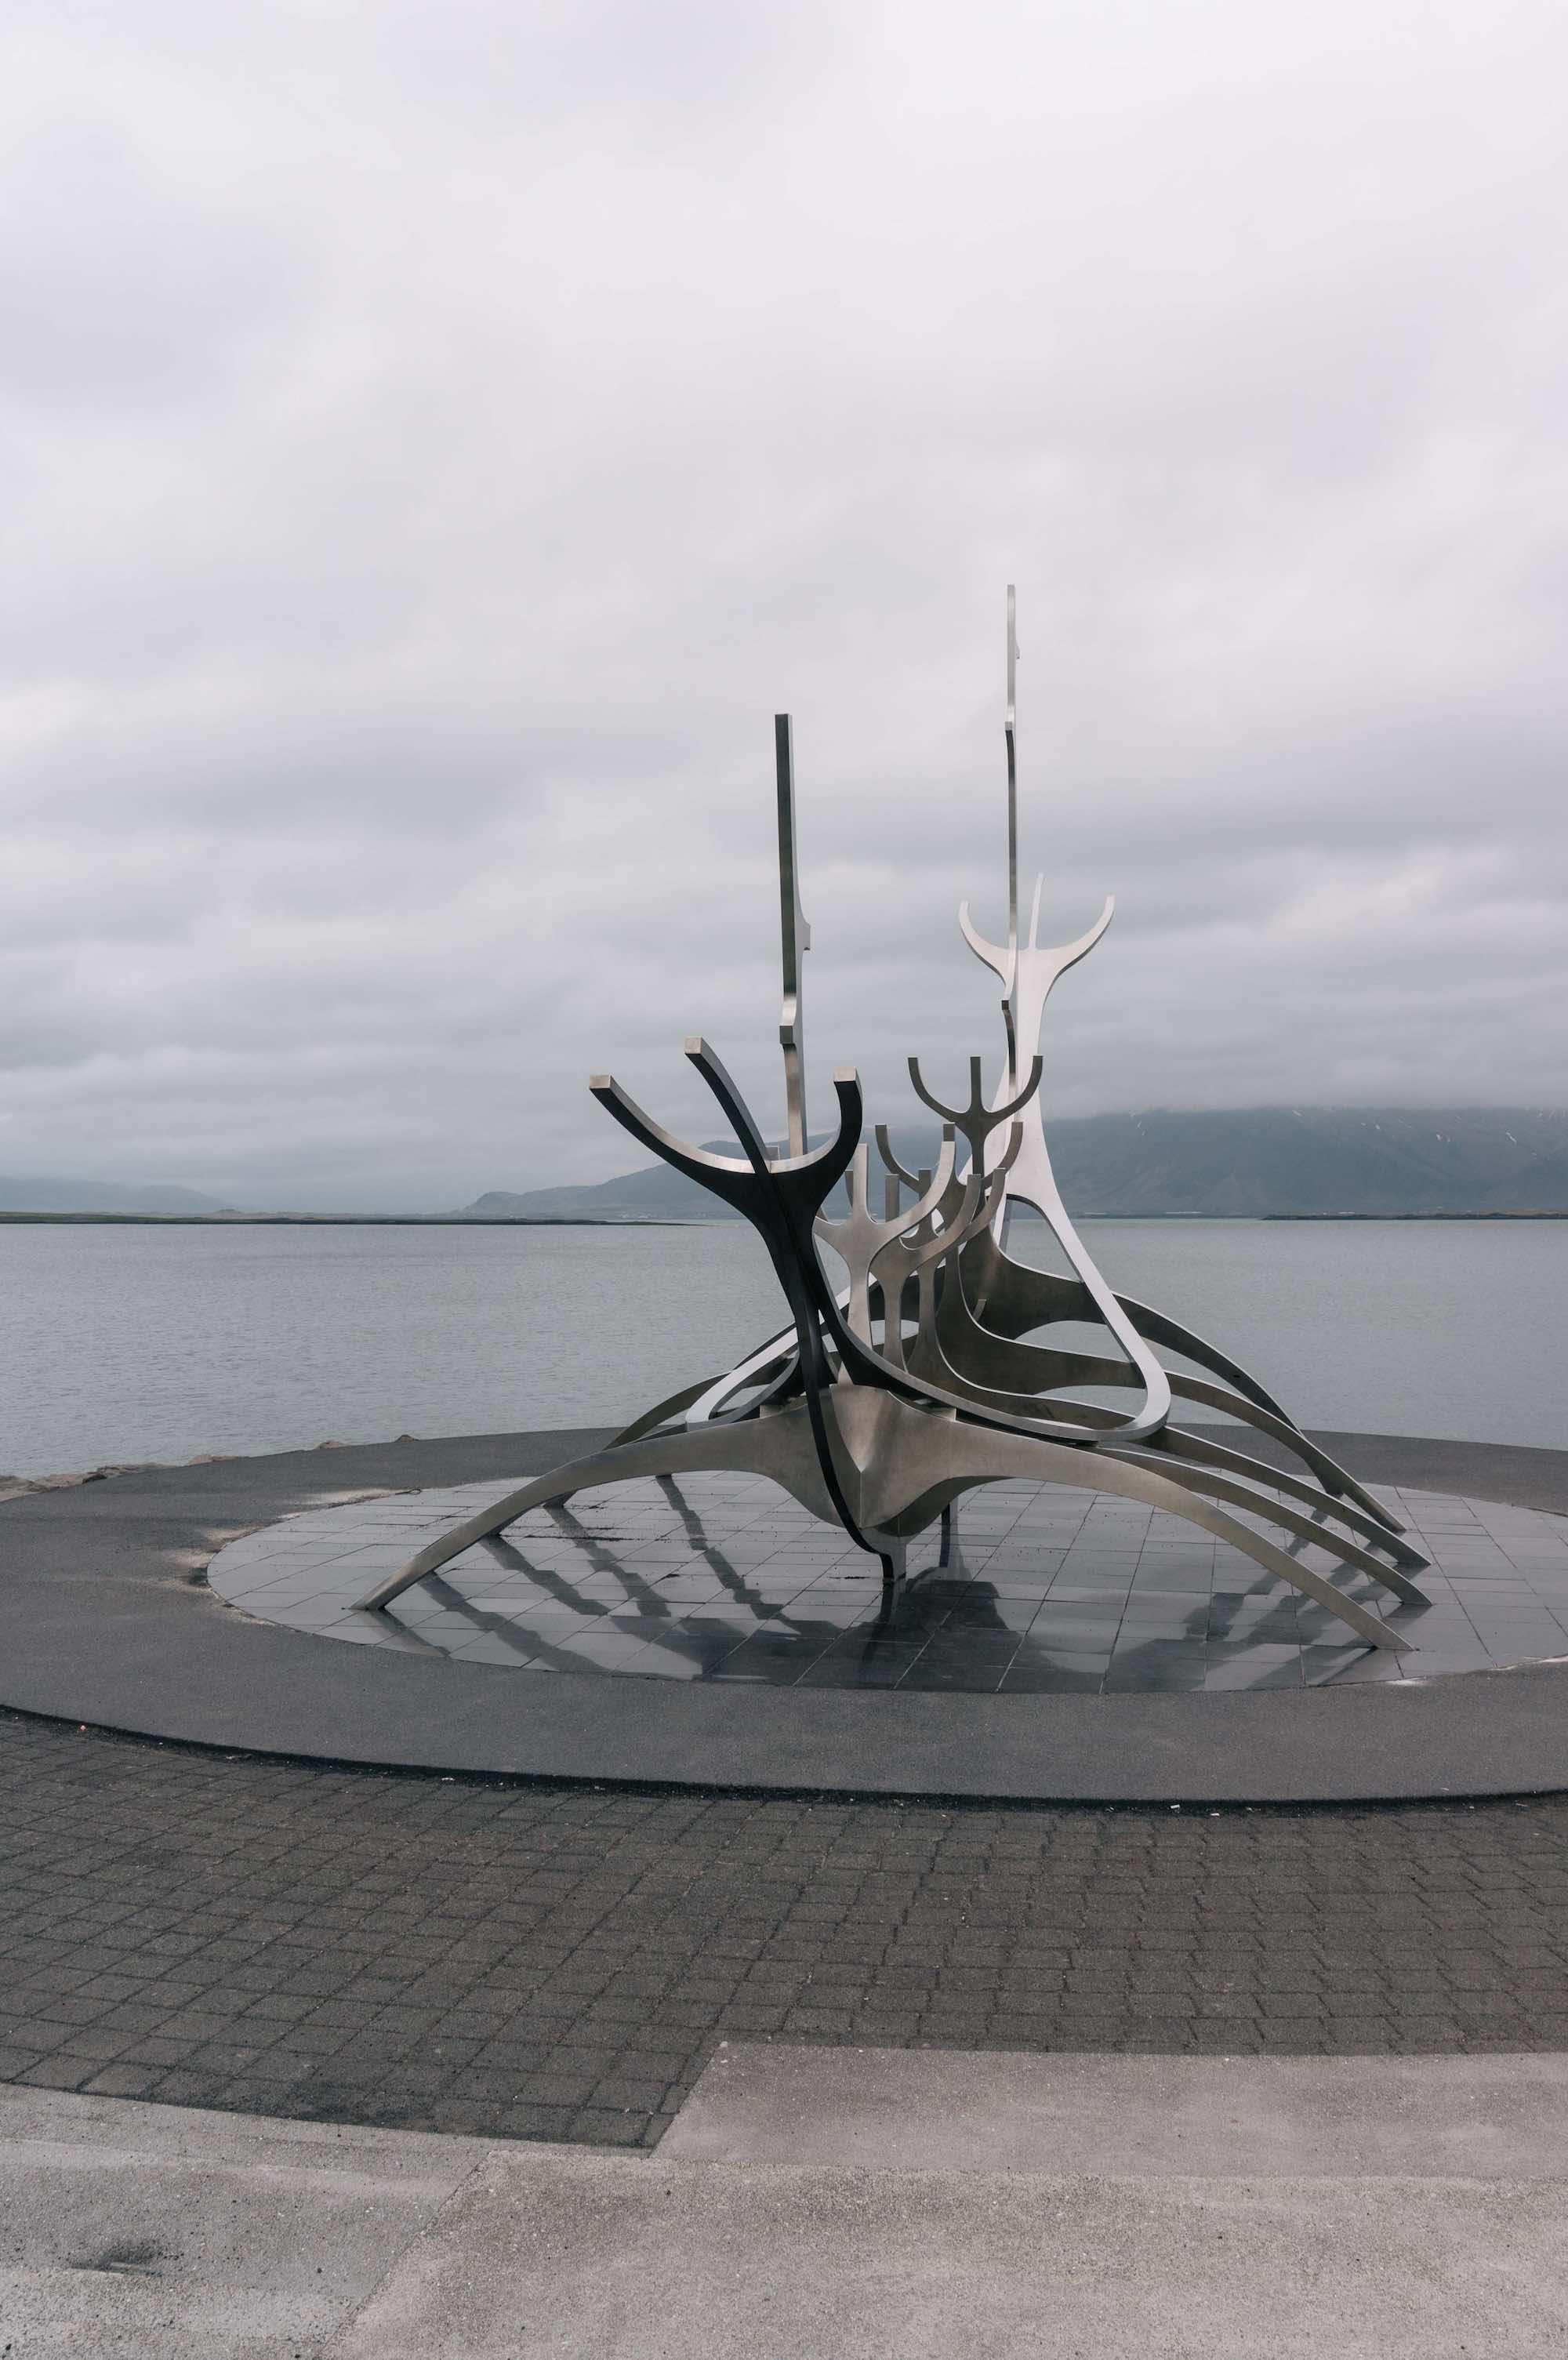 Reykjavík - Iceland - Twins of Journey